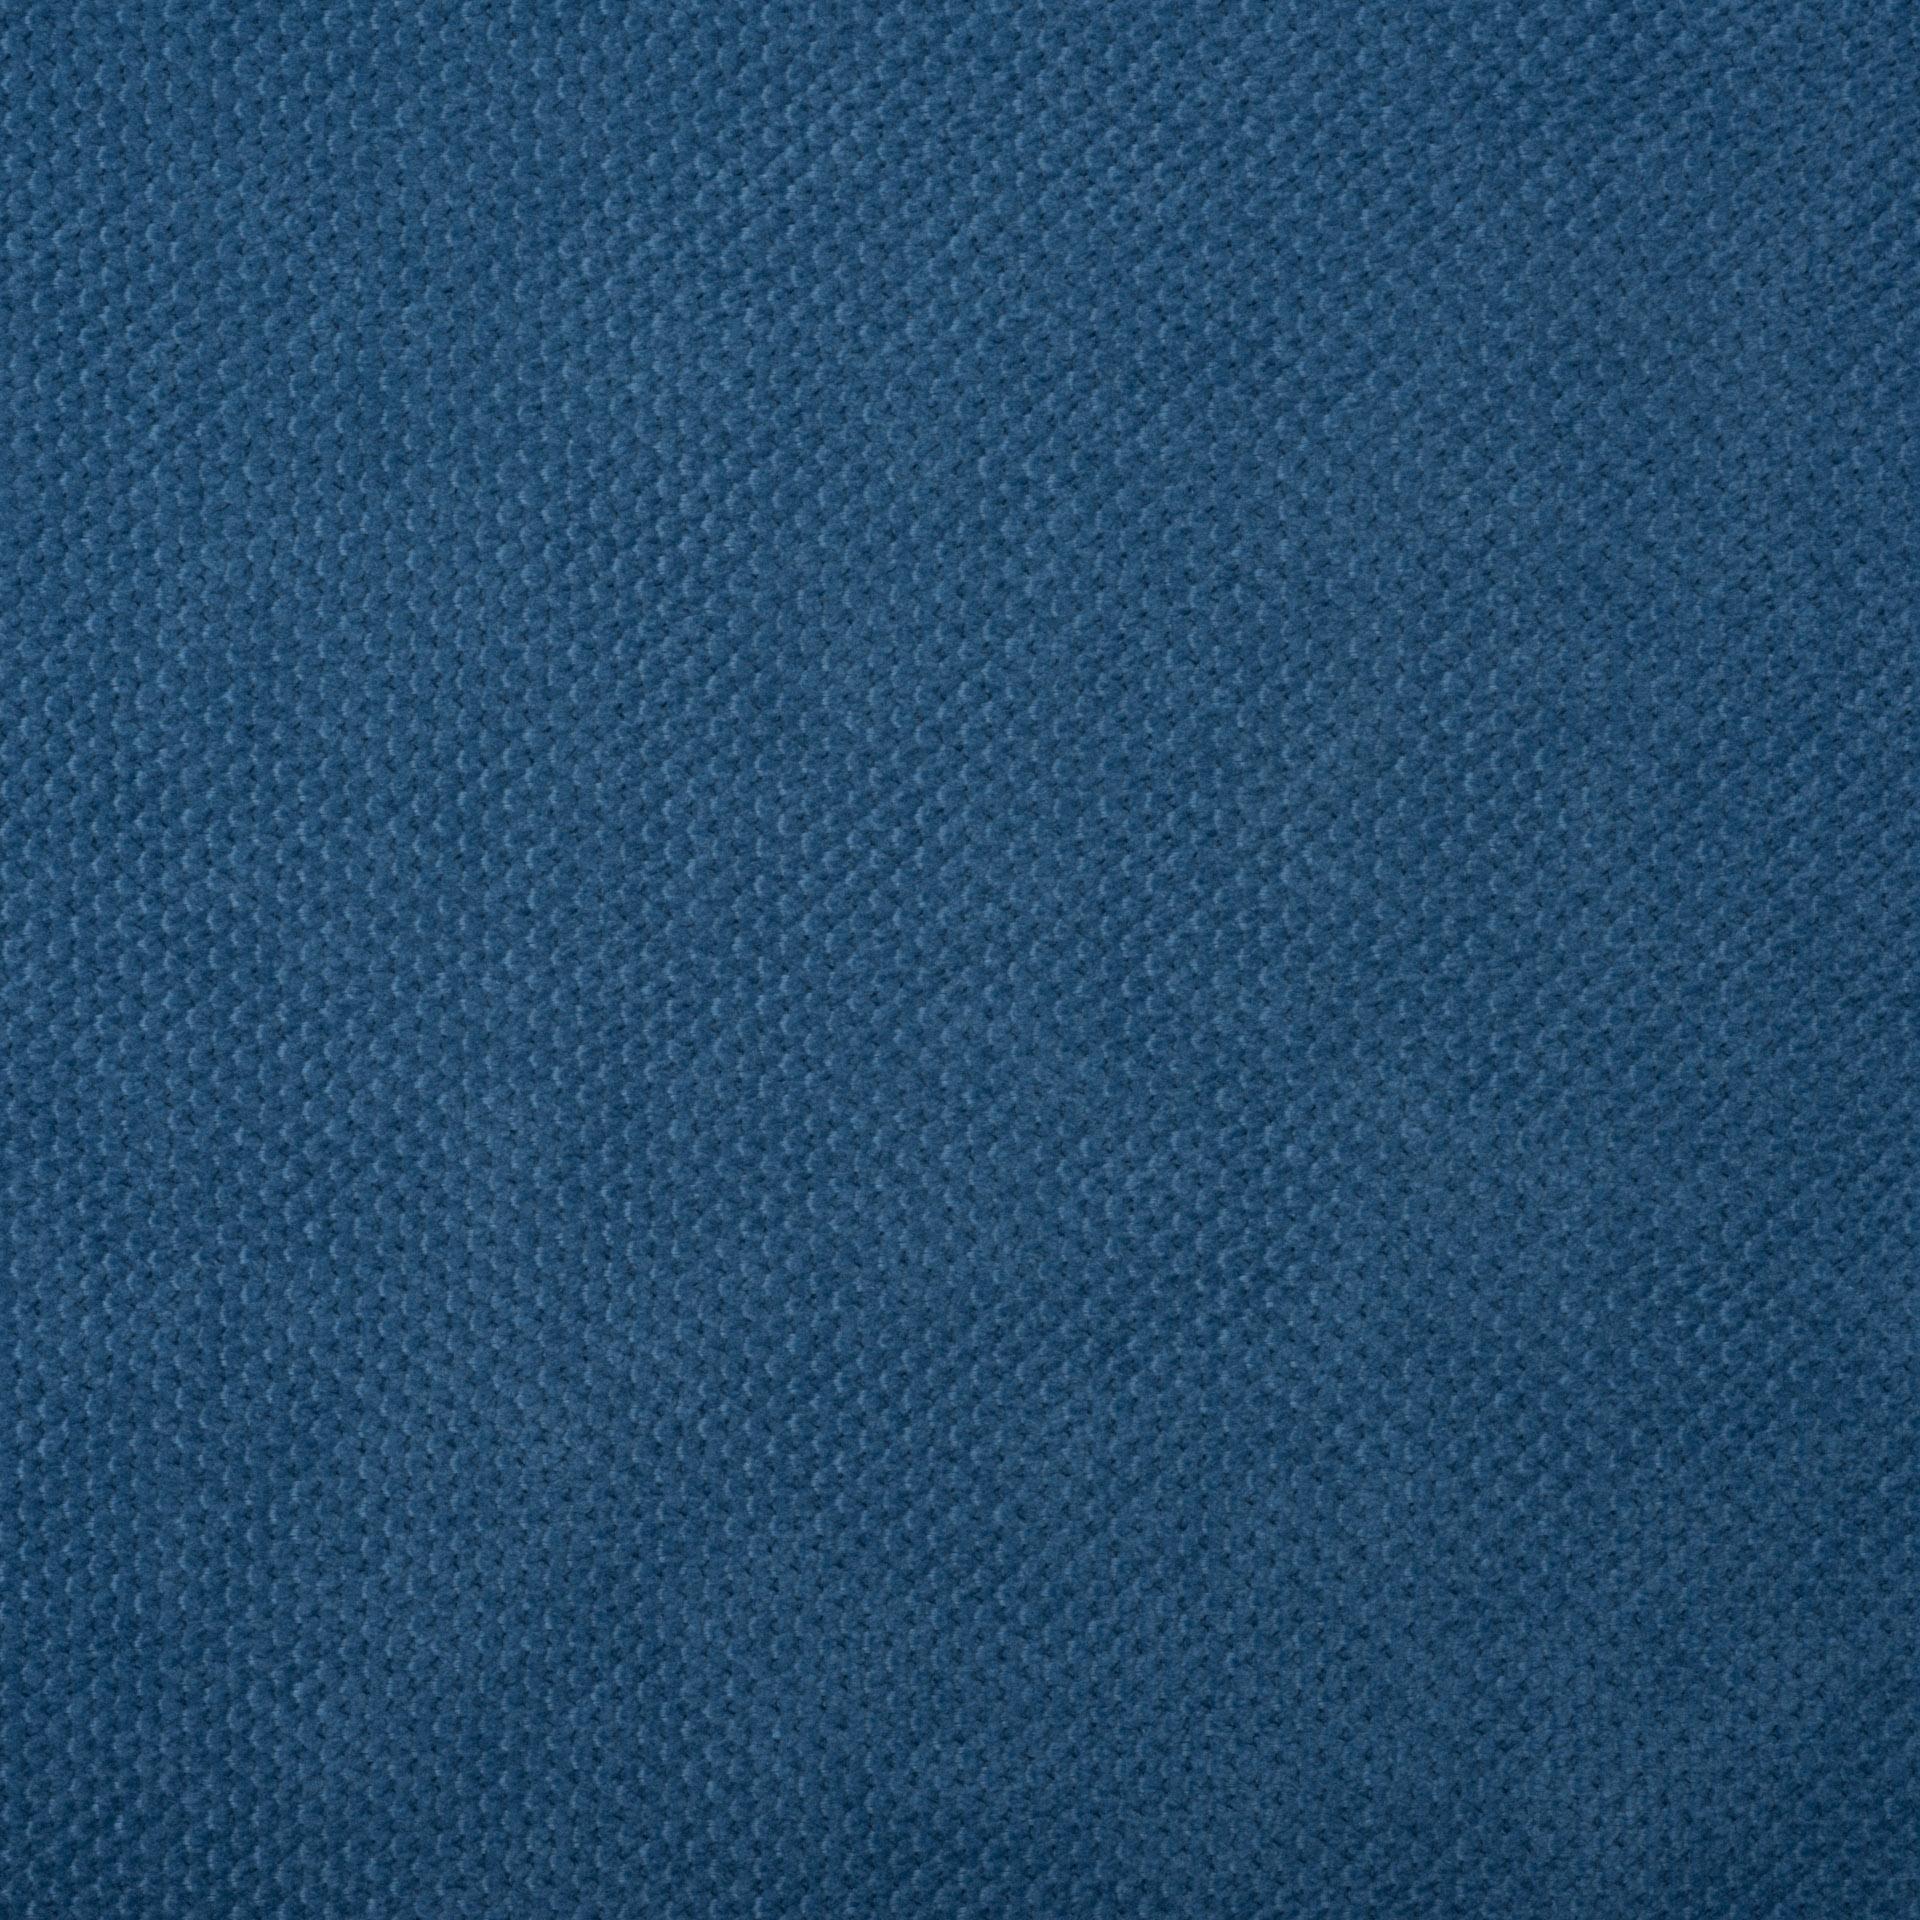 Коллекция ткани Дели 16 BLUE,  купить ткань Жаккард для мебели Украина